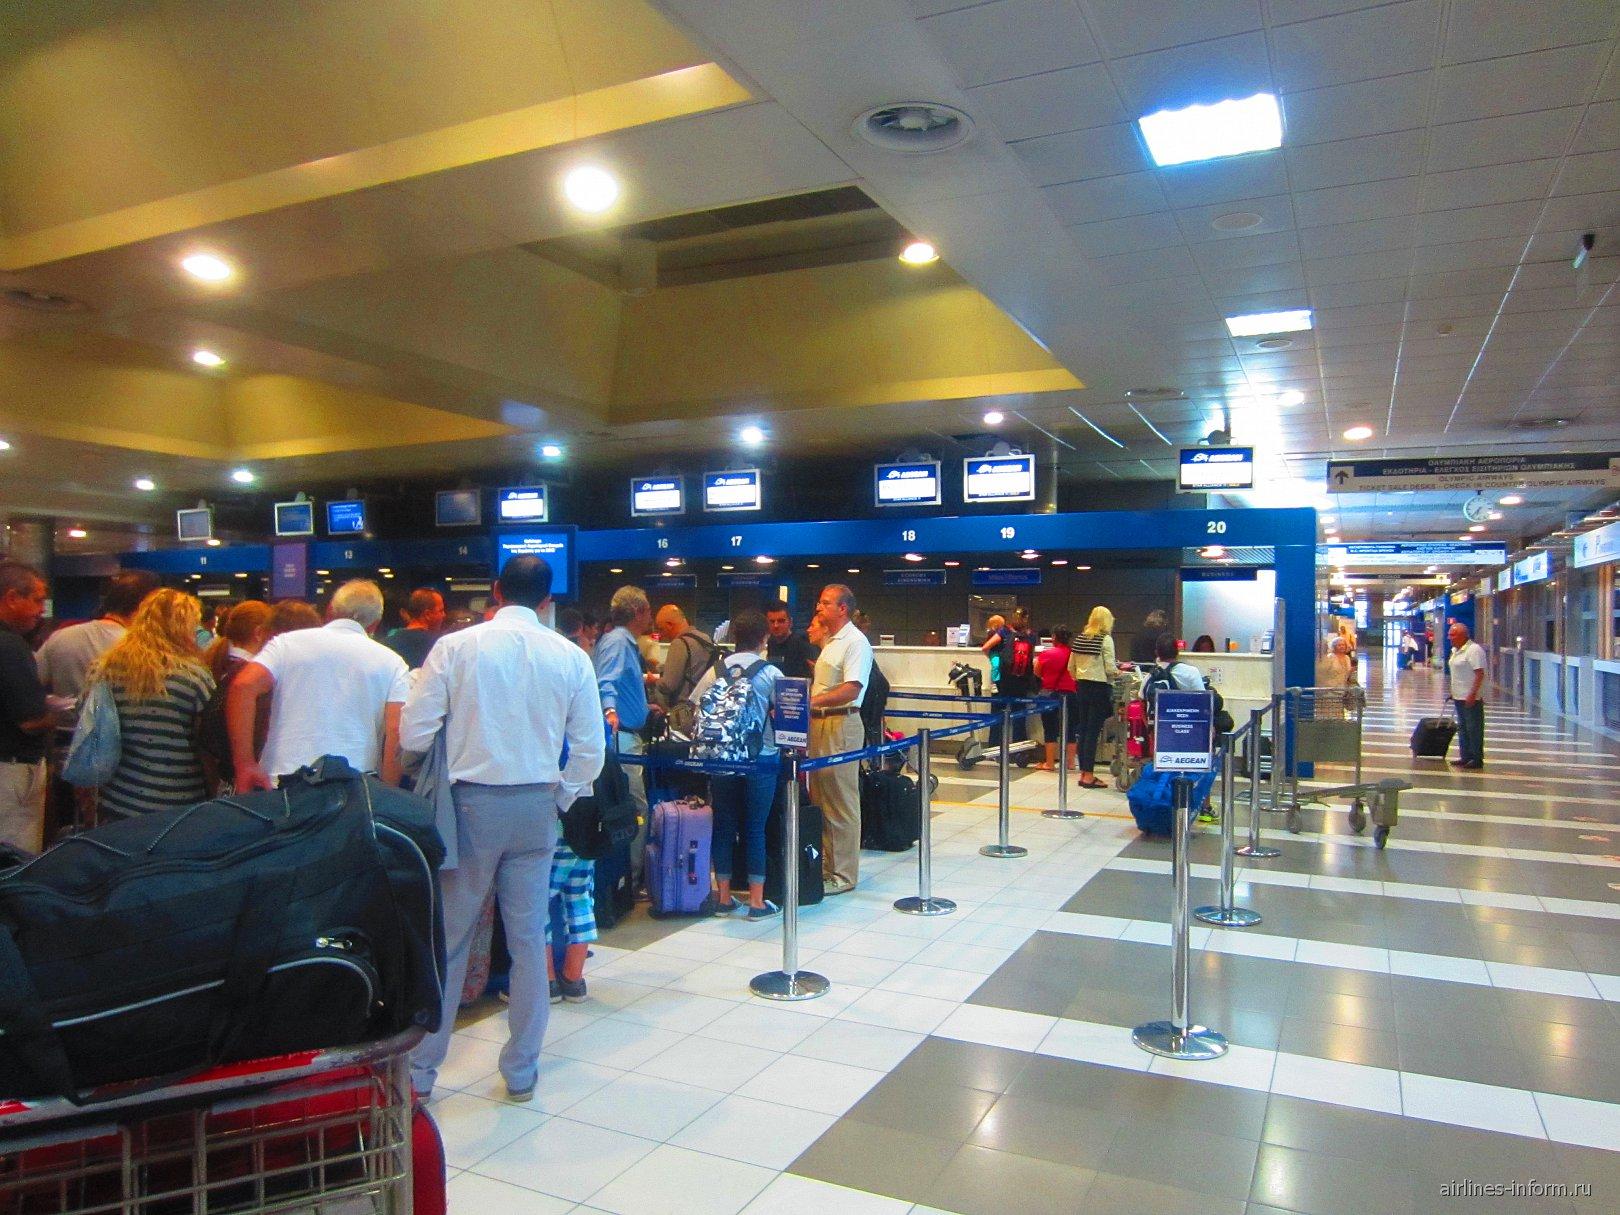 Стойки регистрации в аэропорту Салоники